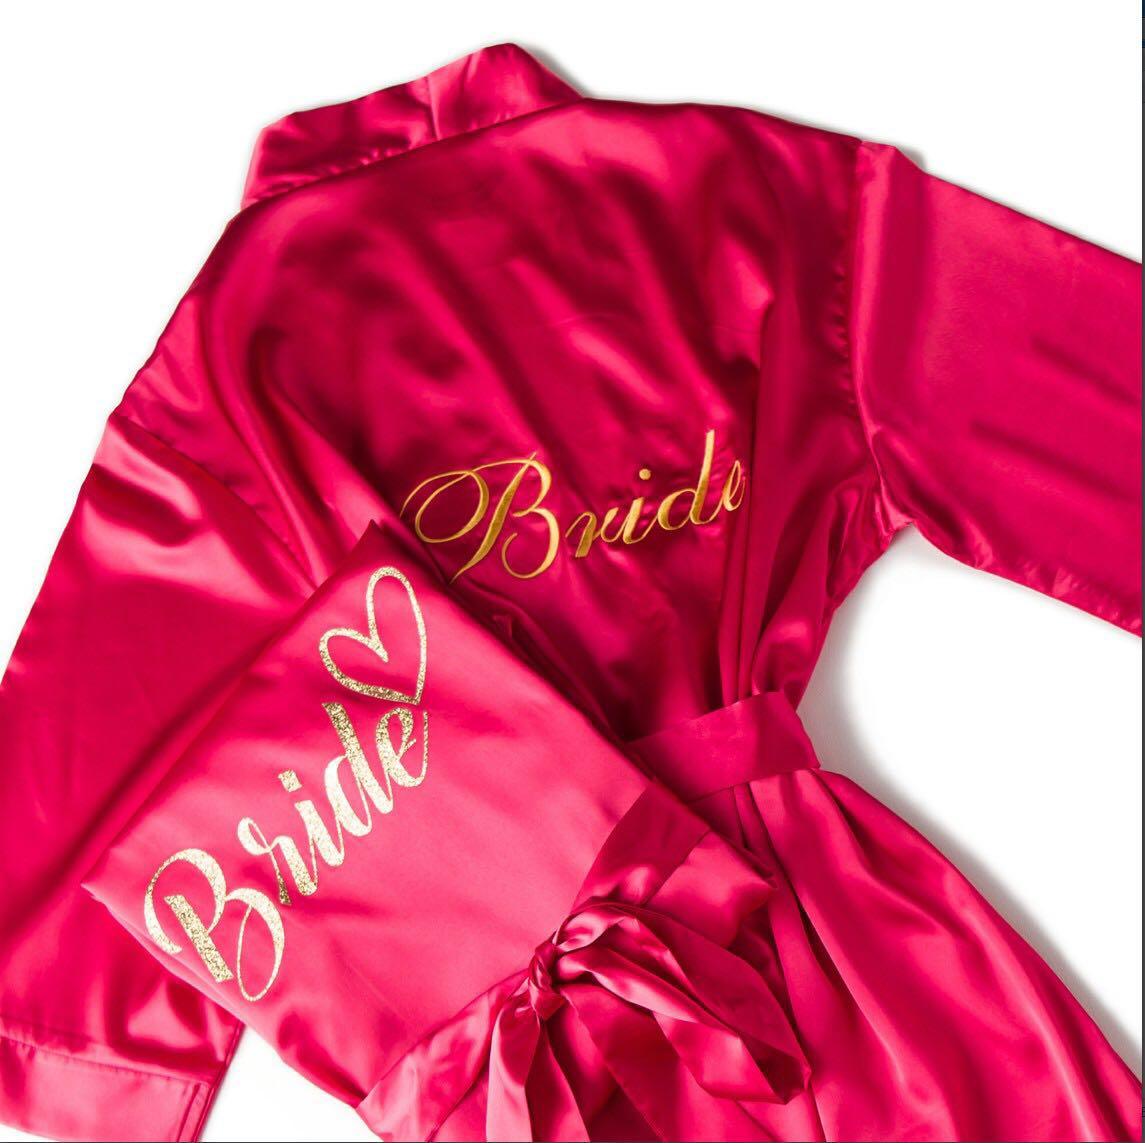 Bp вечерняя вечеринка новый Матовый халат красный новый Настройка матерчатого халата свадебное Настройка утреннего платья